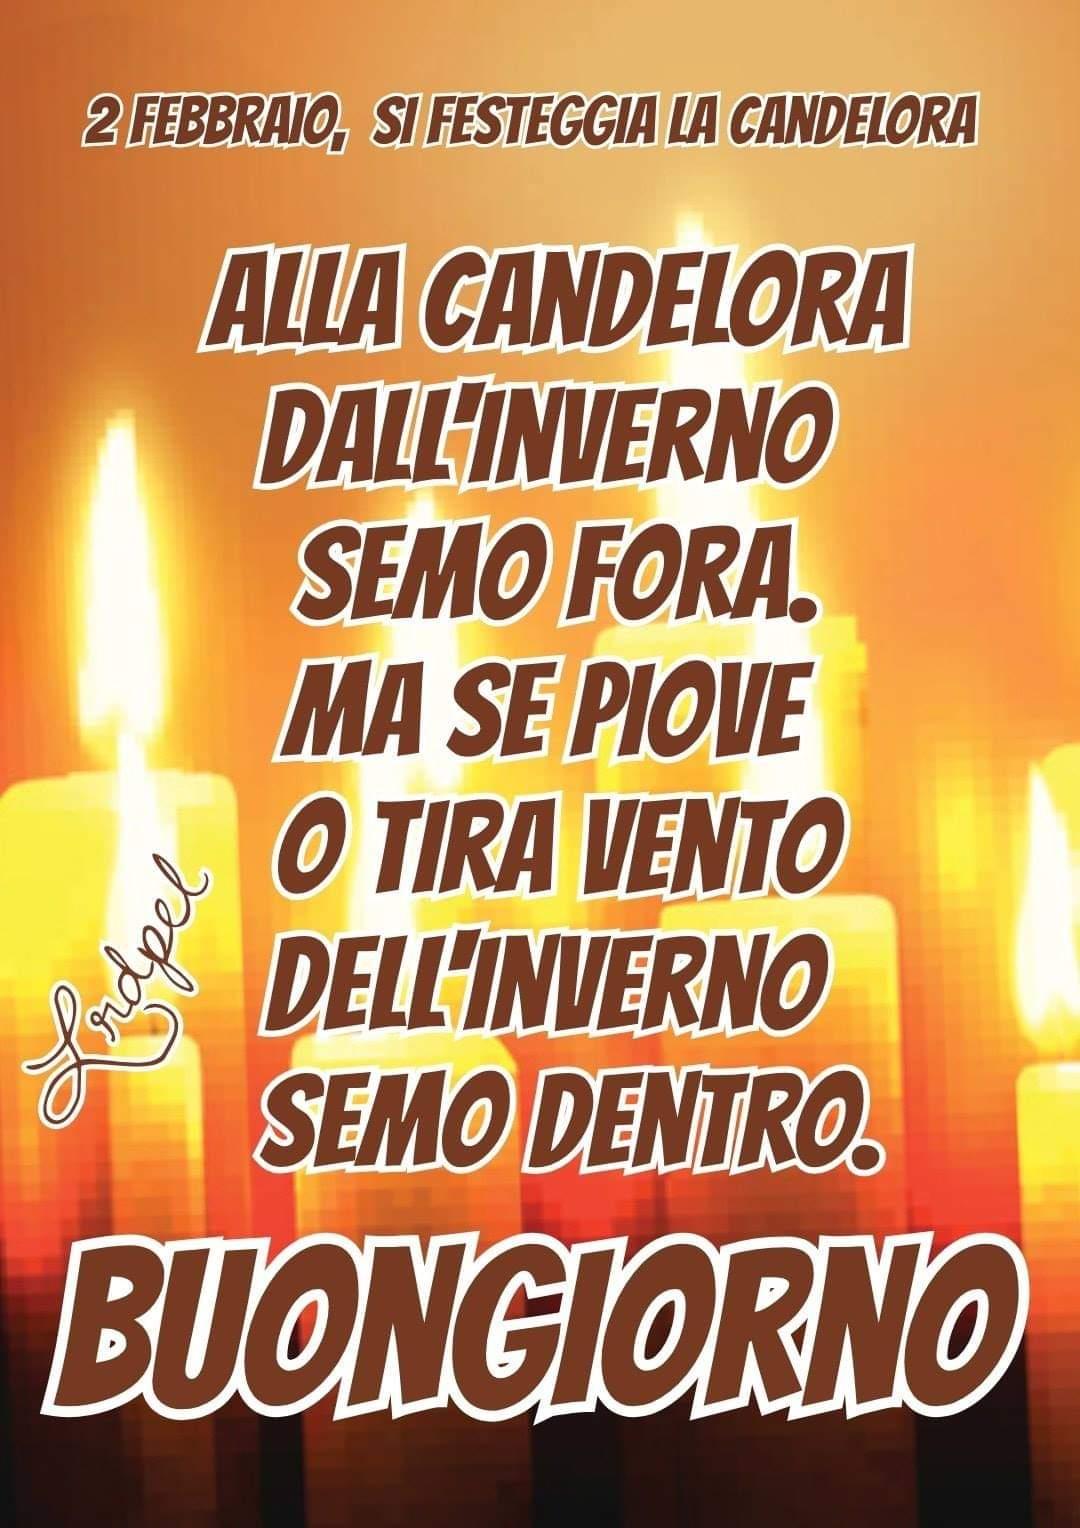 """""""2 Febbraio si festeggia la Candelora, Buongiorno"""""""